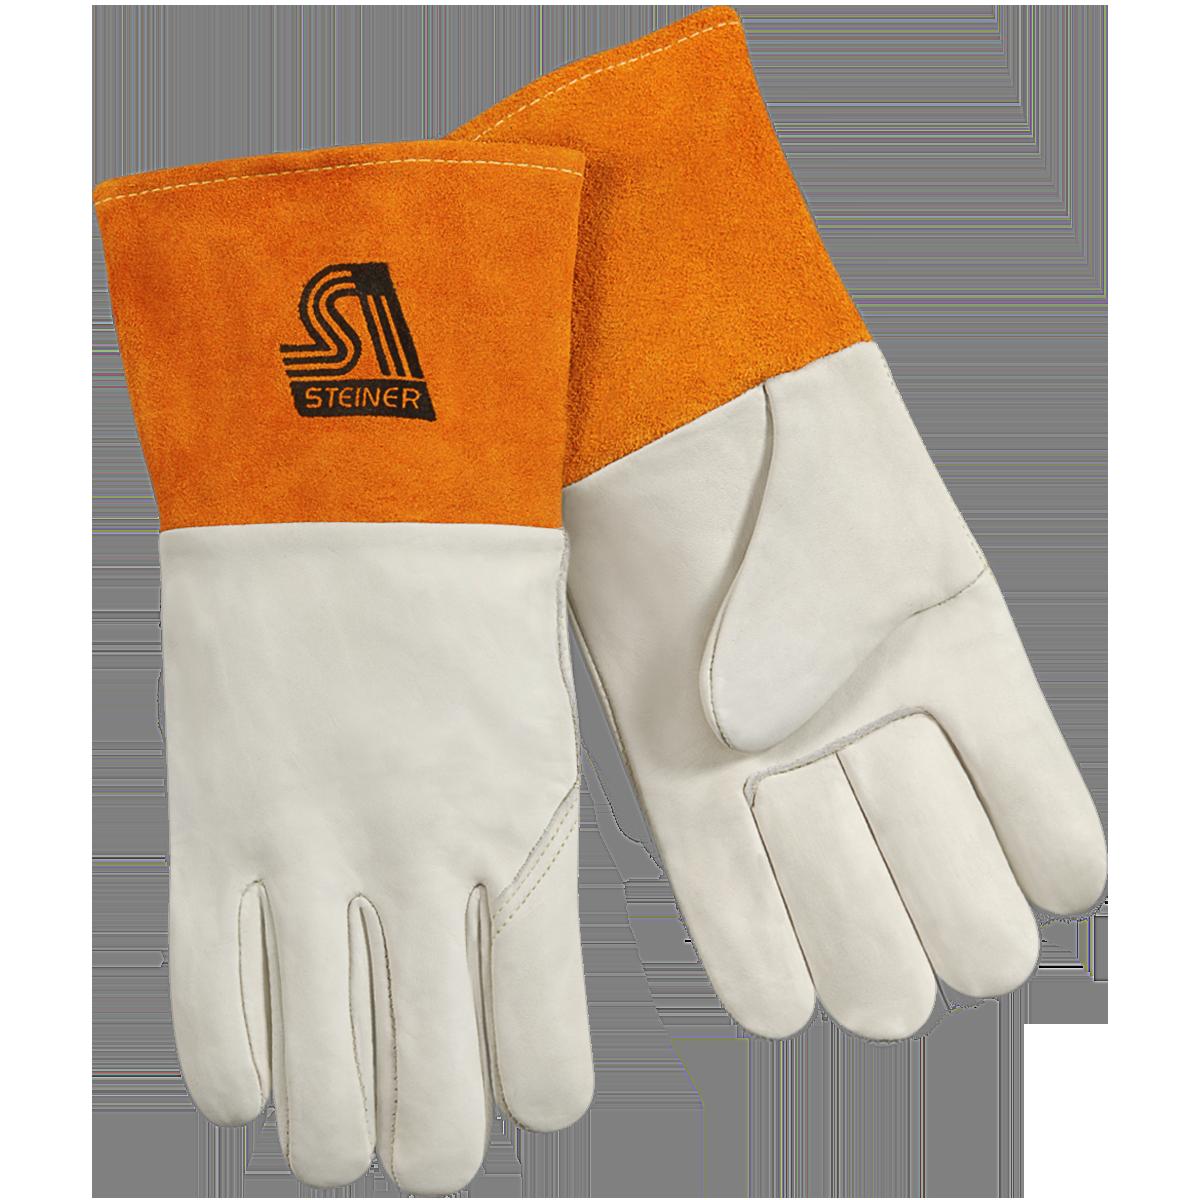 Glove clipart welding glove. Mig steiner industries pigskin